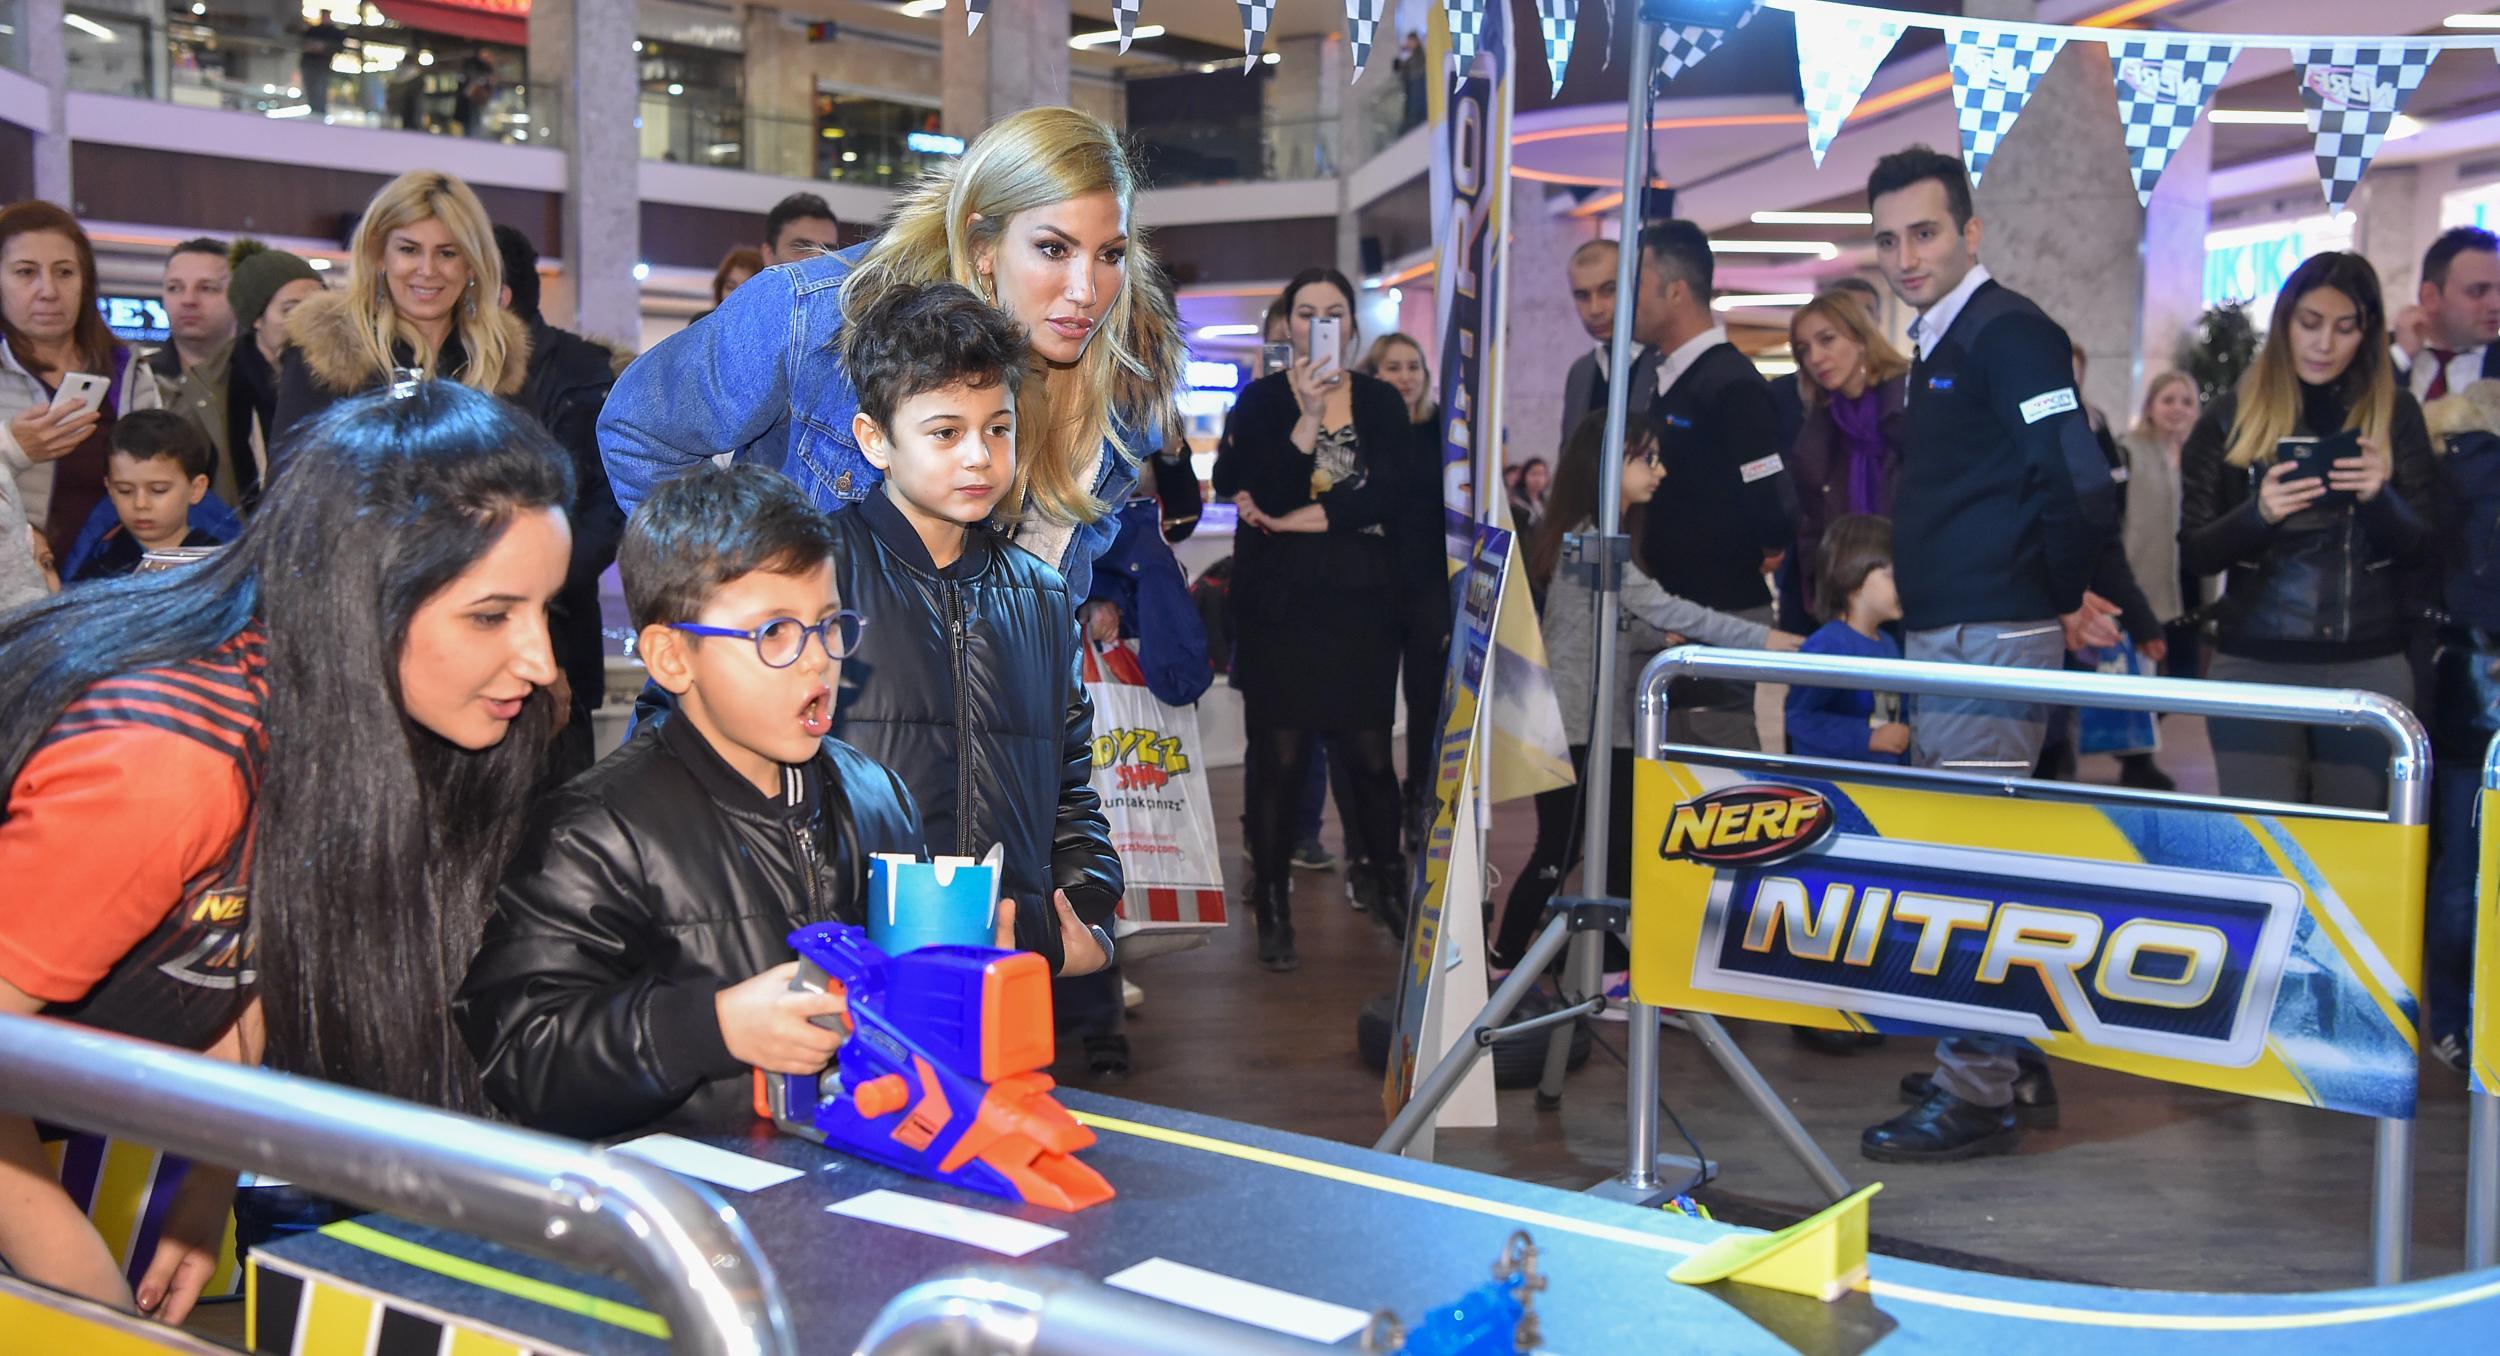 Toyzz Shop Nerf Nitro etkinliğinde Çağla Şıkel rüzgarı esti!